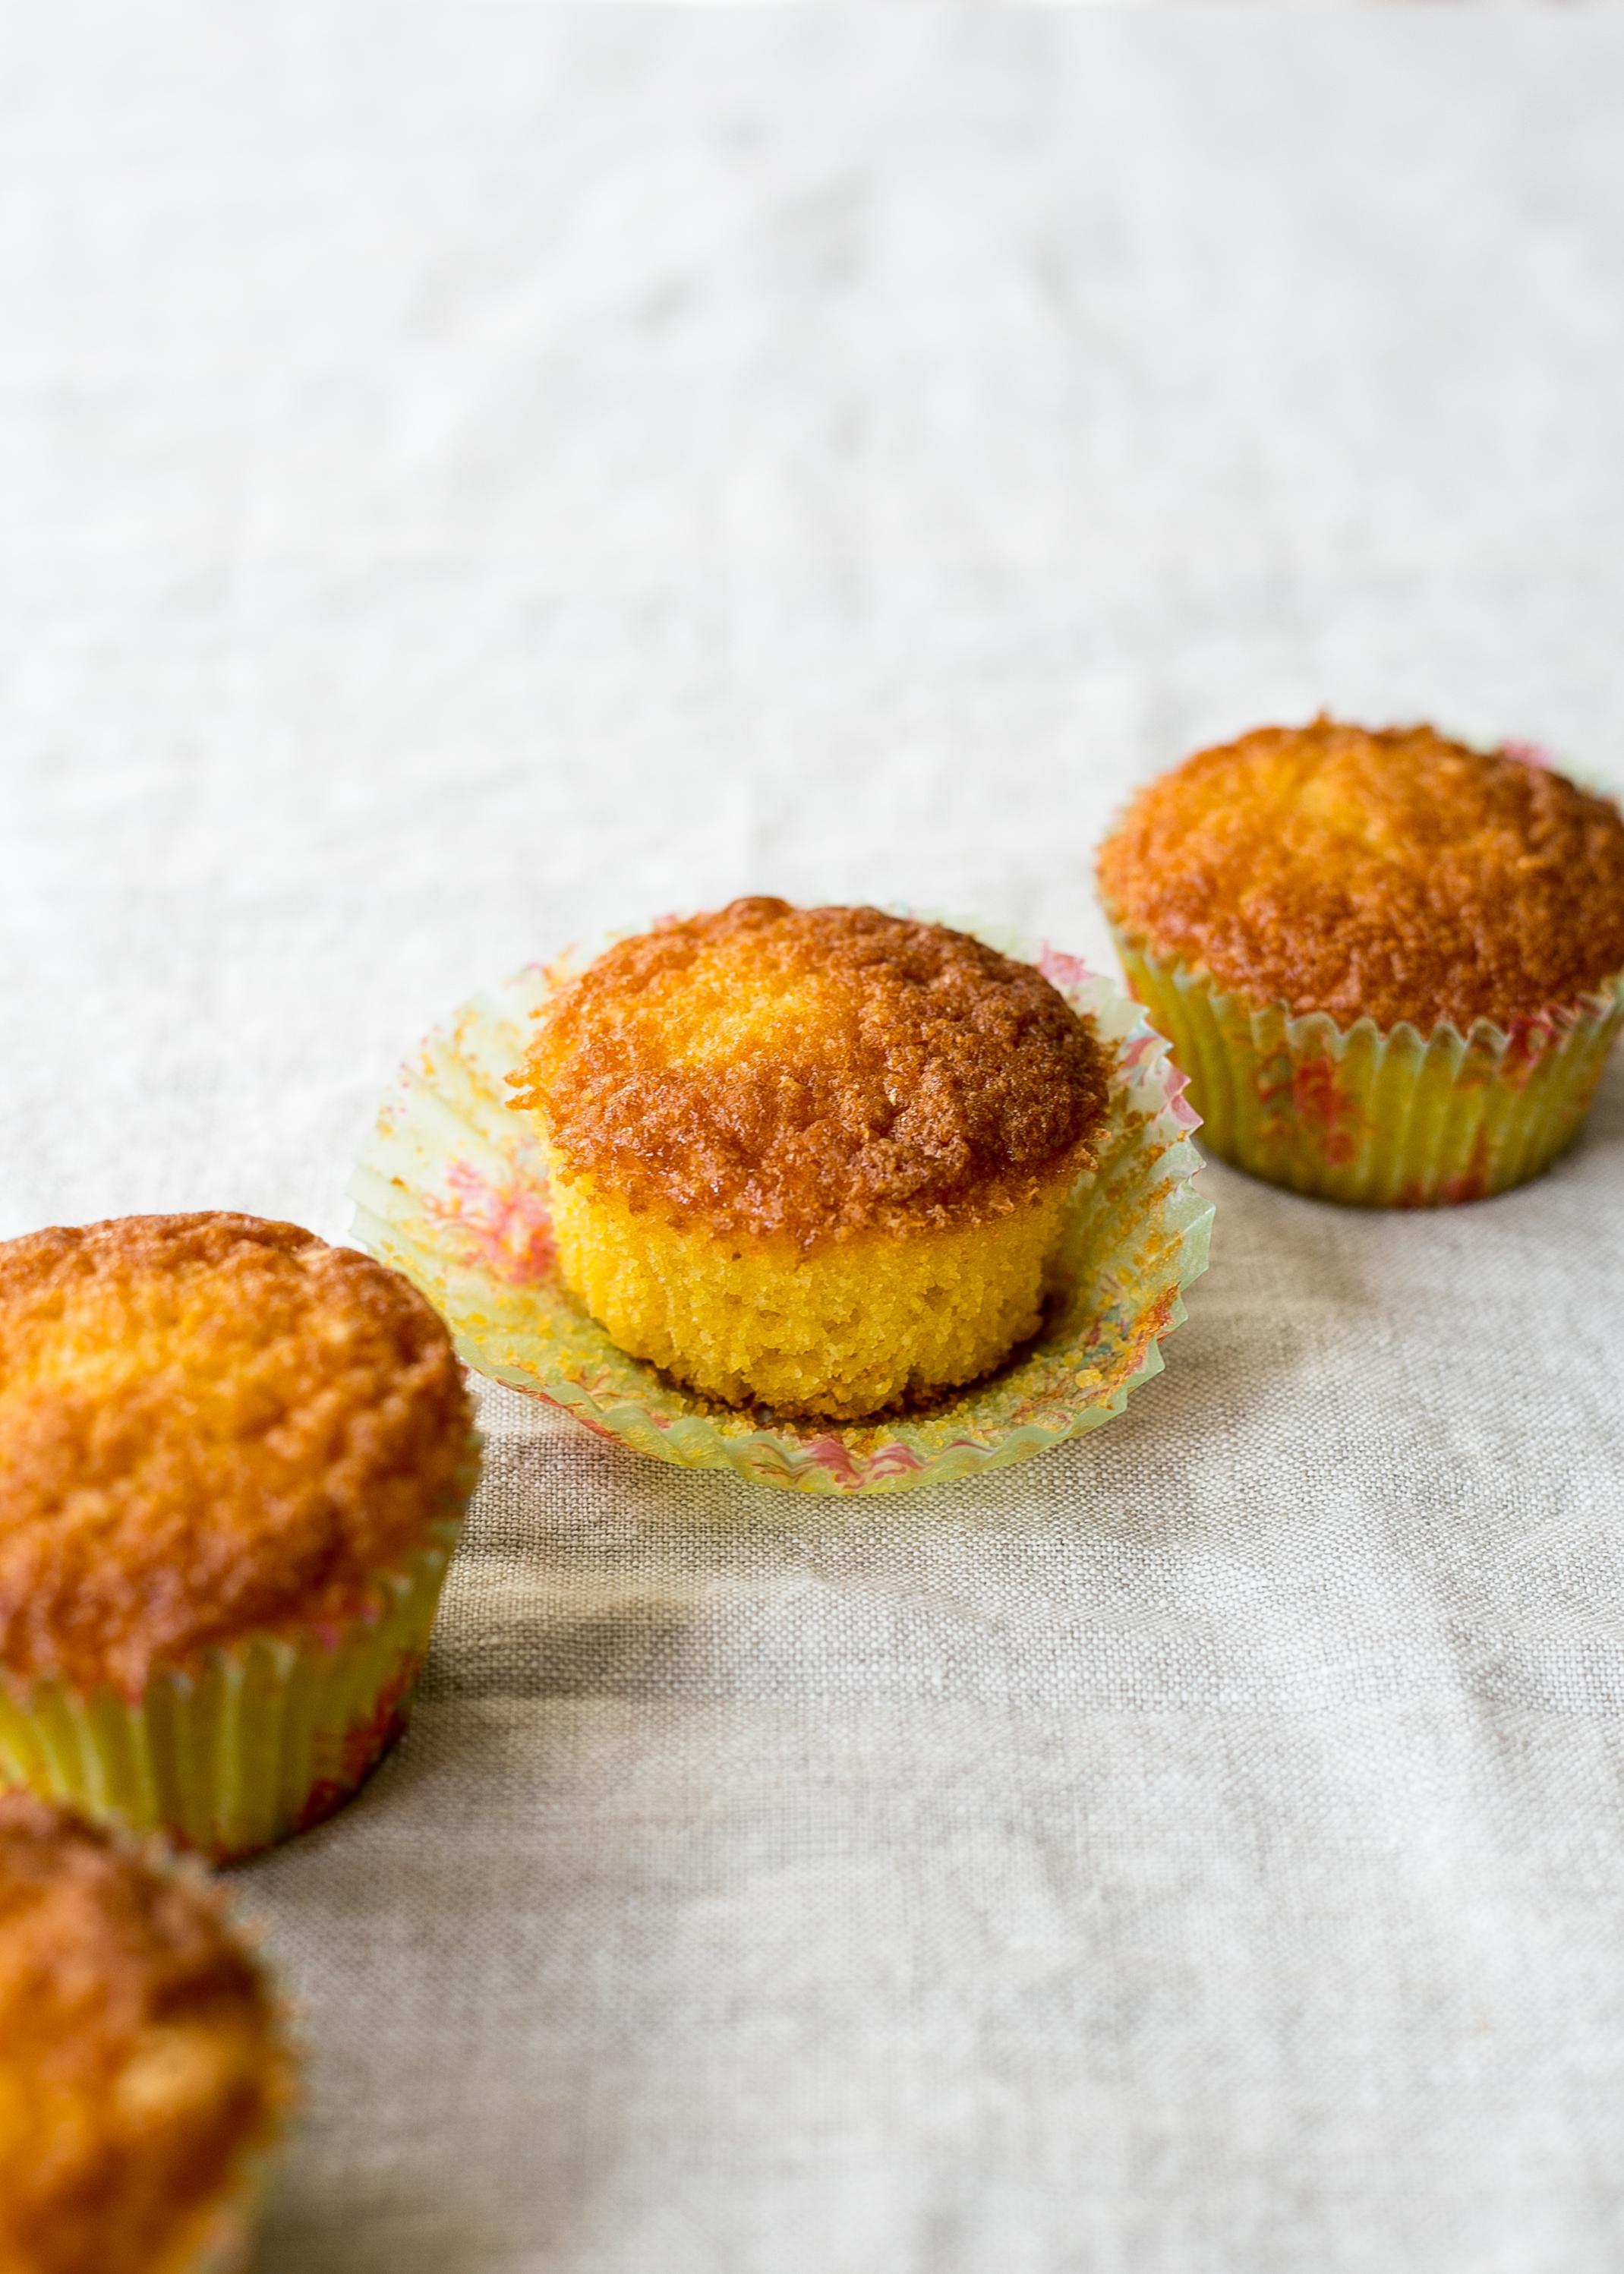 Gluten free sunshine muffins